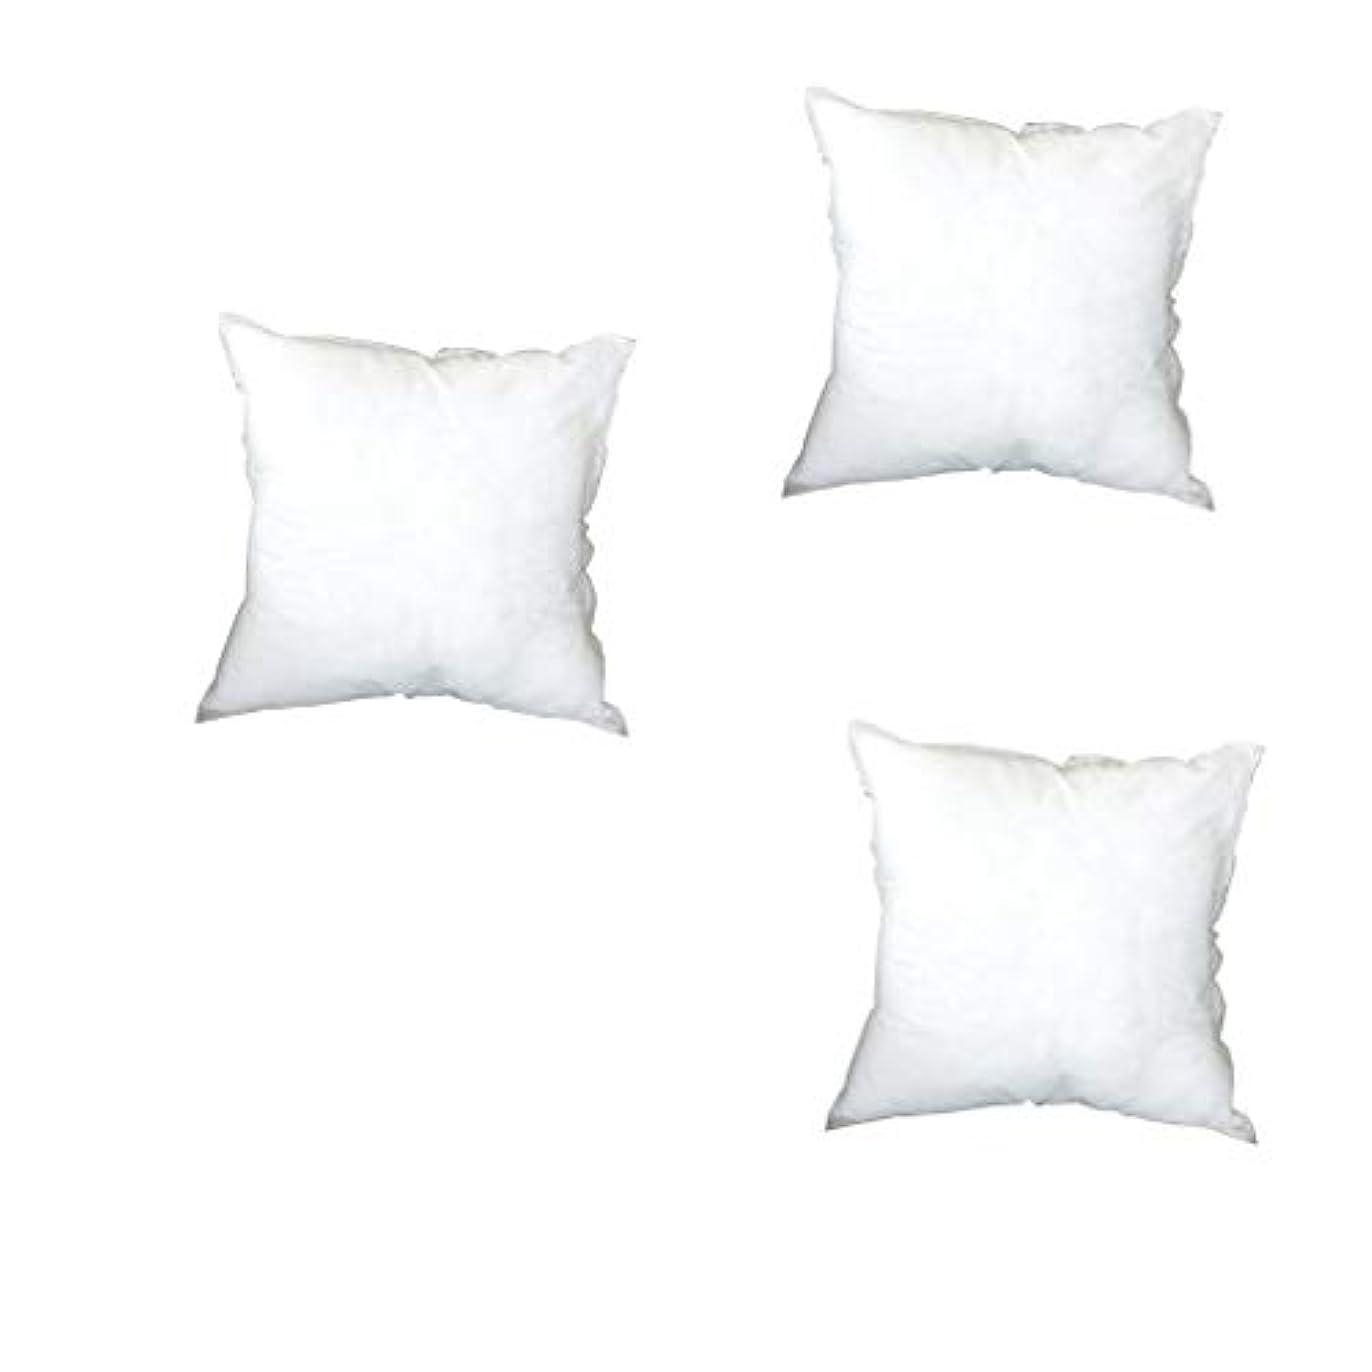 例示する情報駐地LIFE 寝具正方形 PP 綿枕インテリア家の装飾白 45 × 45 車のソファチェアクッション coussin decoratif 新 クッション 椅子